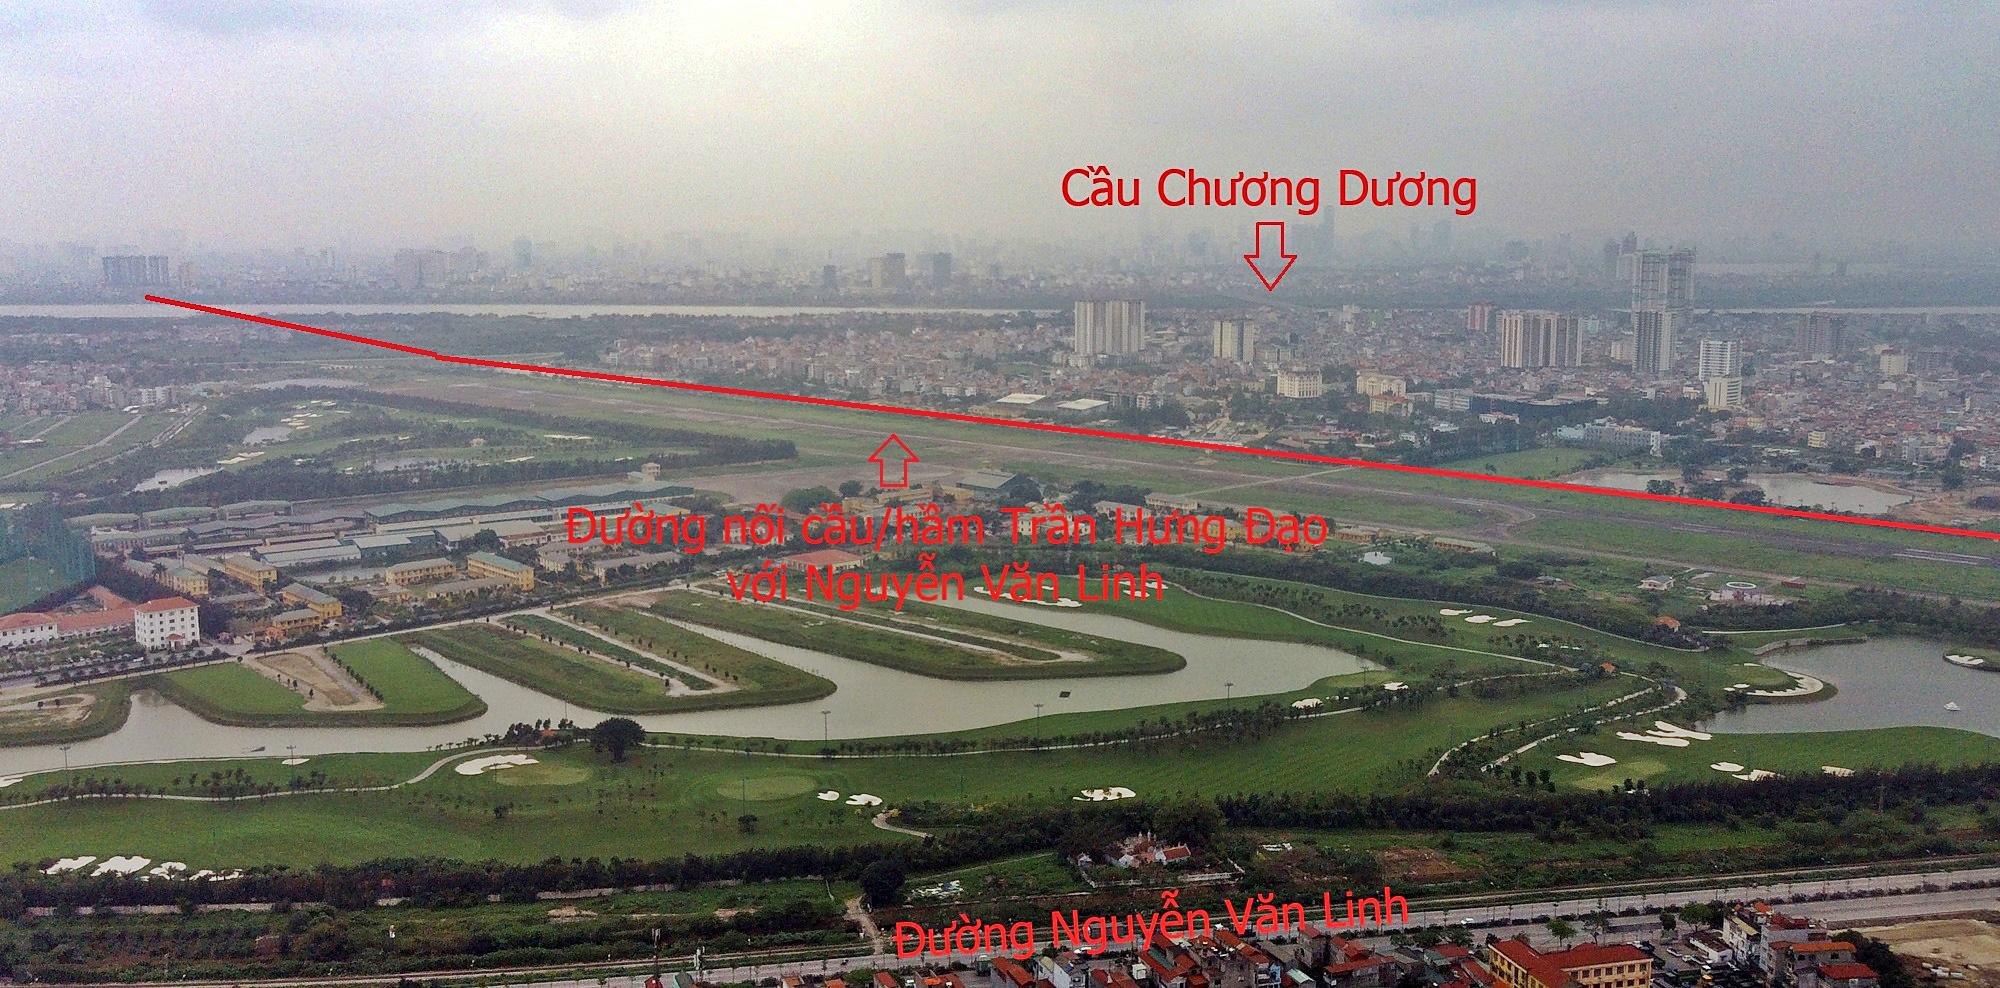 Cầu sẽ mở theo qui hoạch ở Hà Nội: Toàn cảnh cầu/hầm Trần Hưng Đạo nối quận Hoàn Kiếm - Long Biên - Ảnh 15.